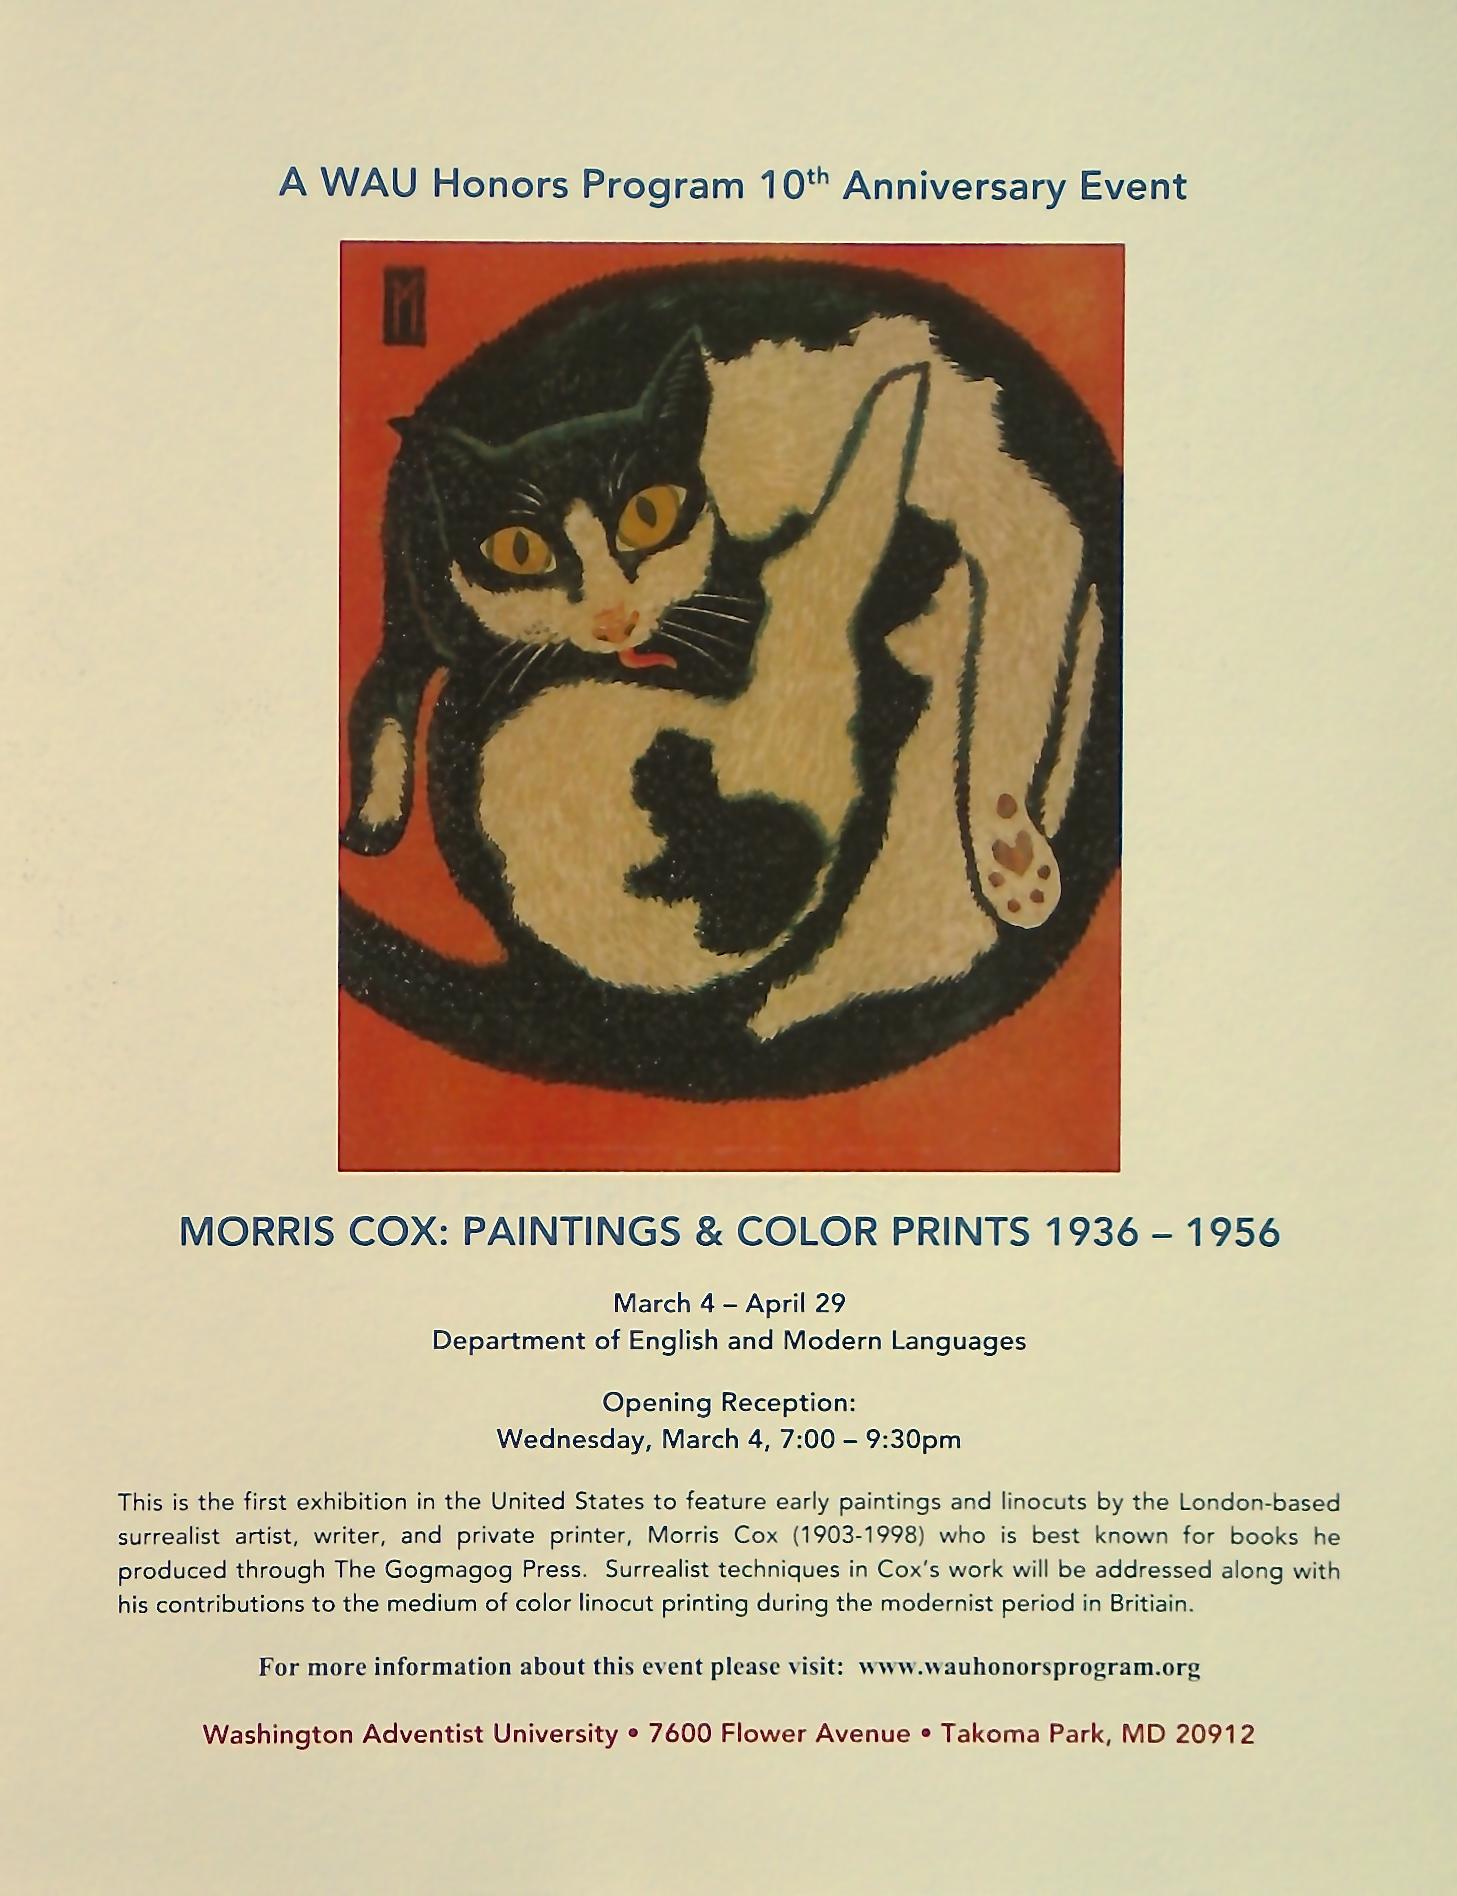 Morris Cox exhibition flyer 2015.png